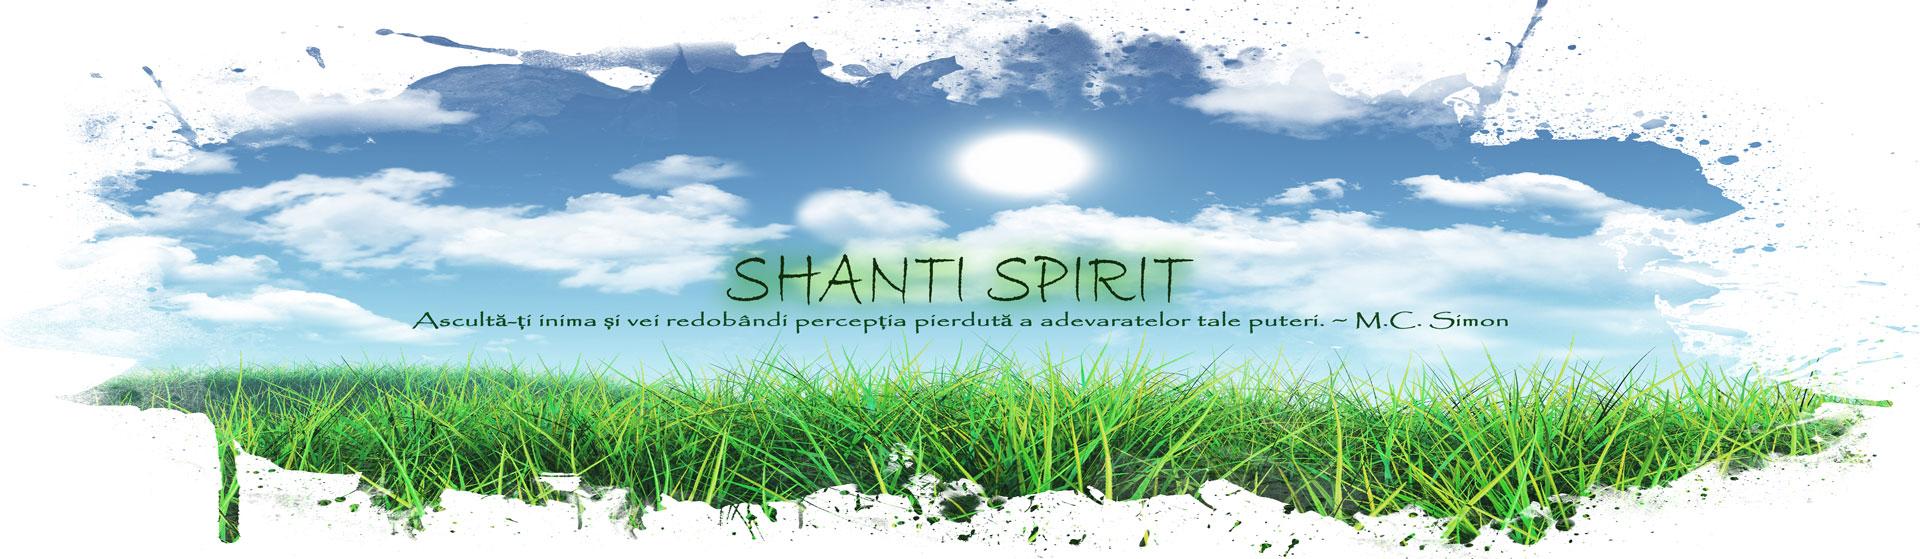 Shanti-Spirit